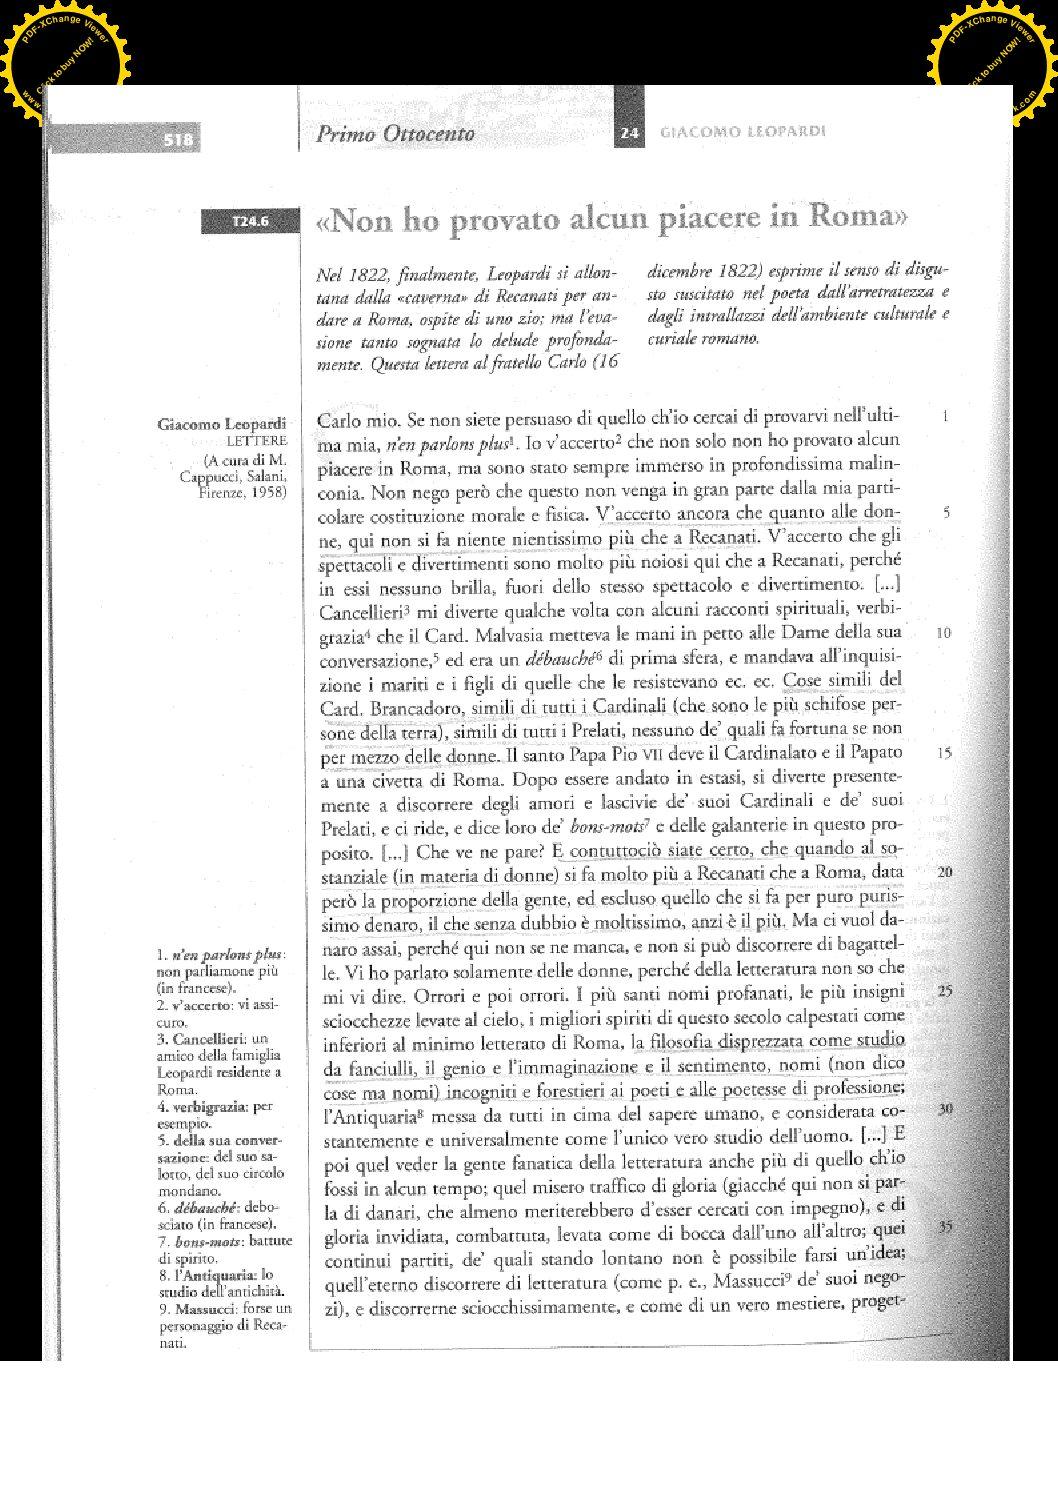 LEOPARDI LETTERA AL FRATELLO CARLO